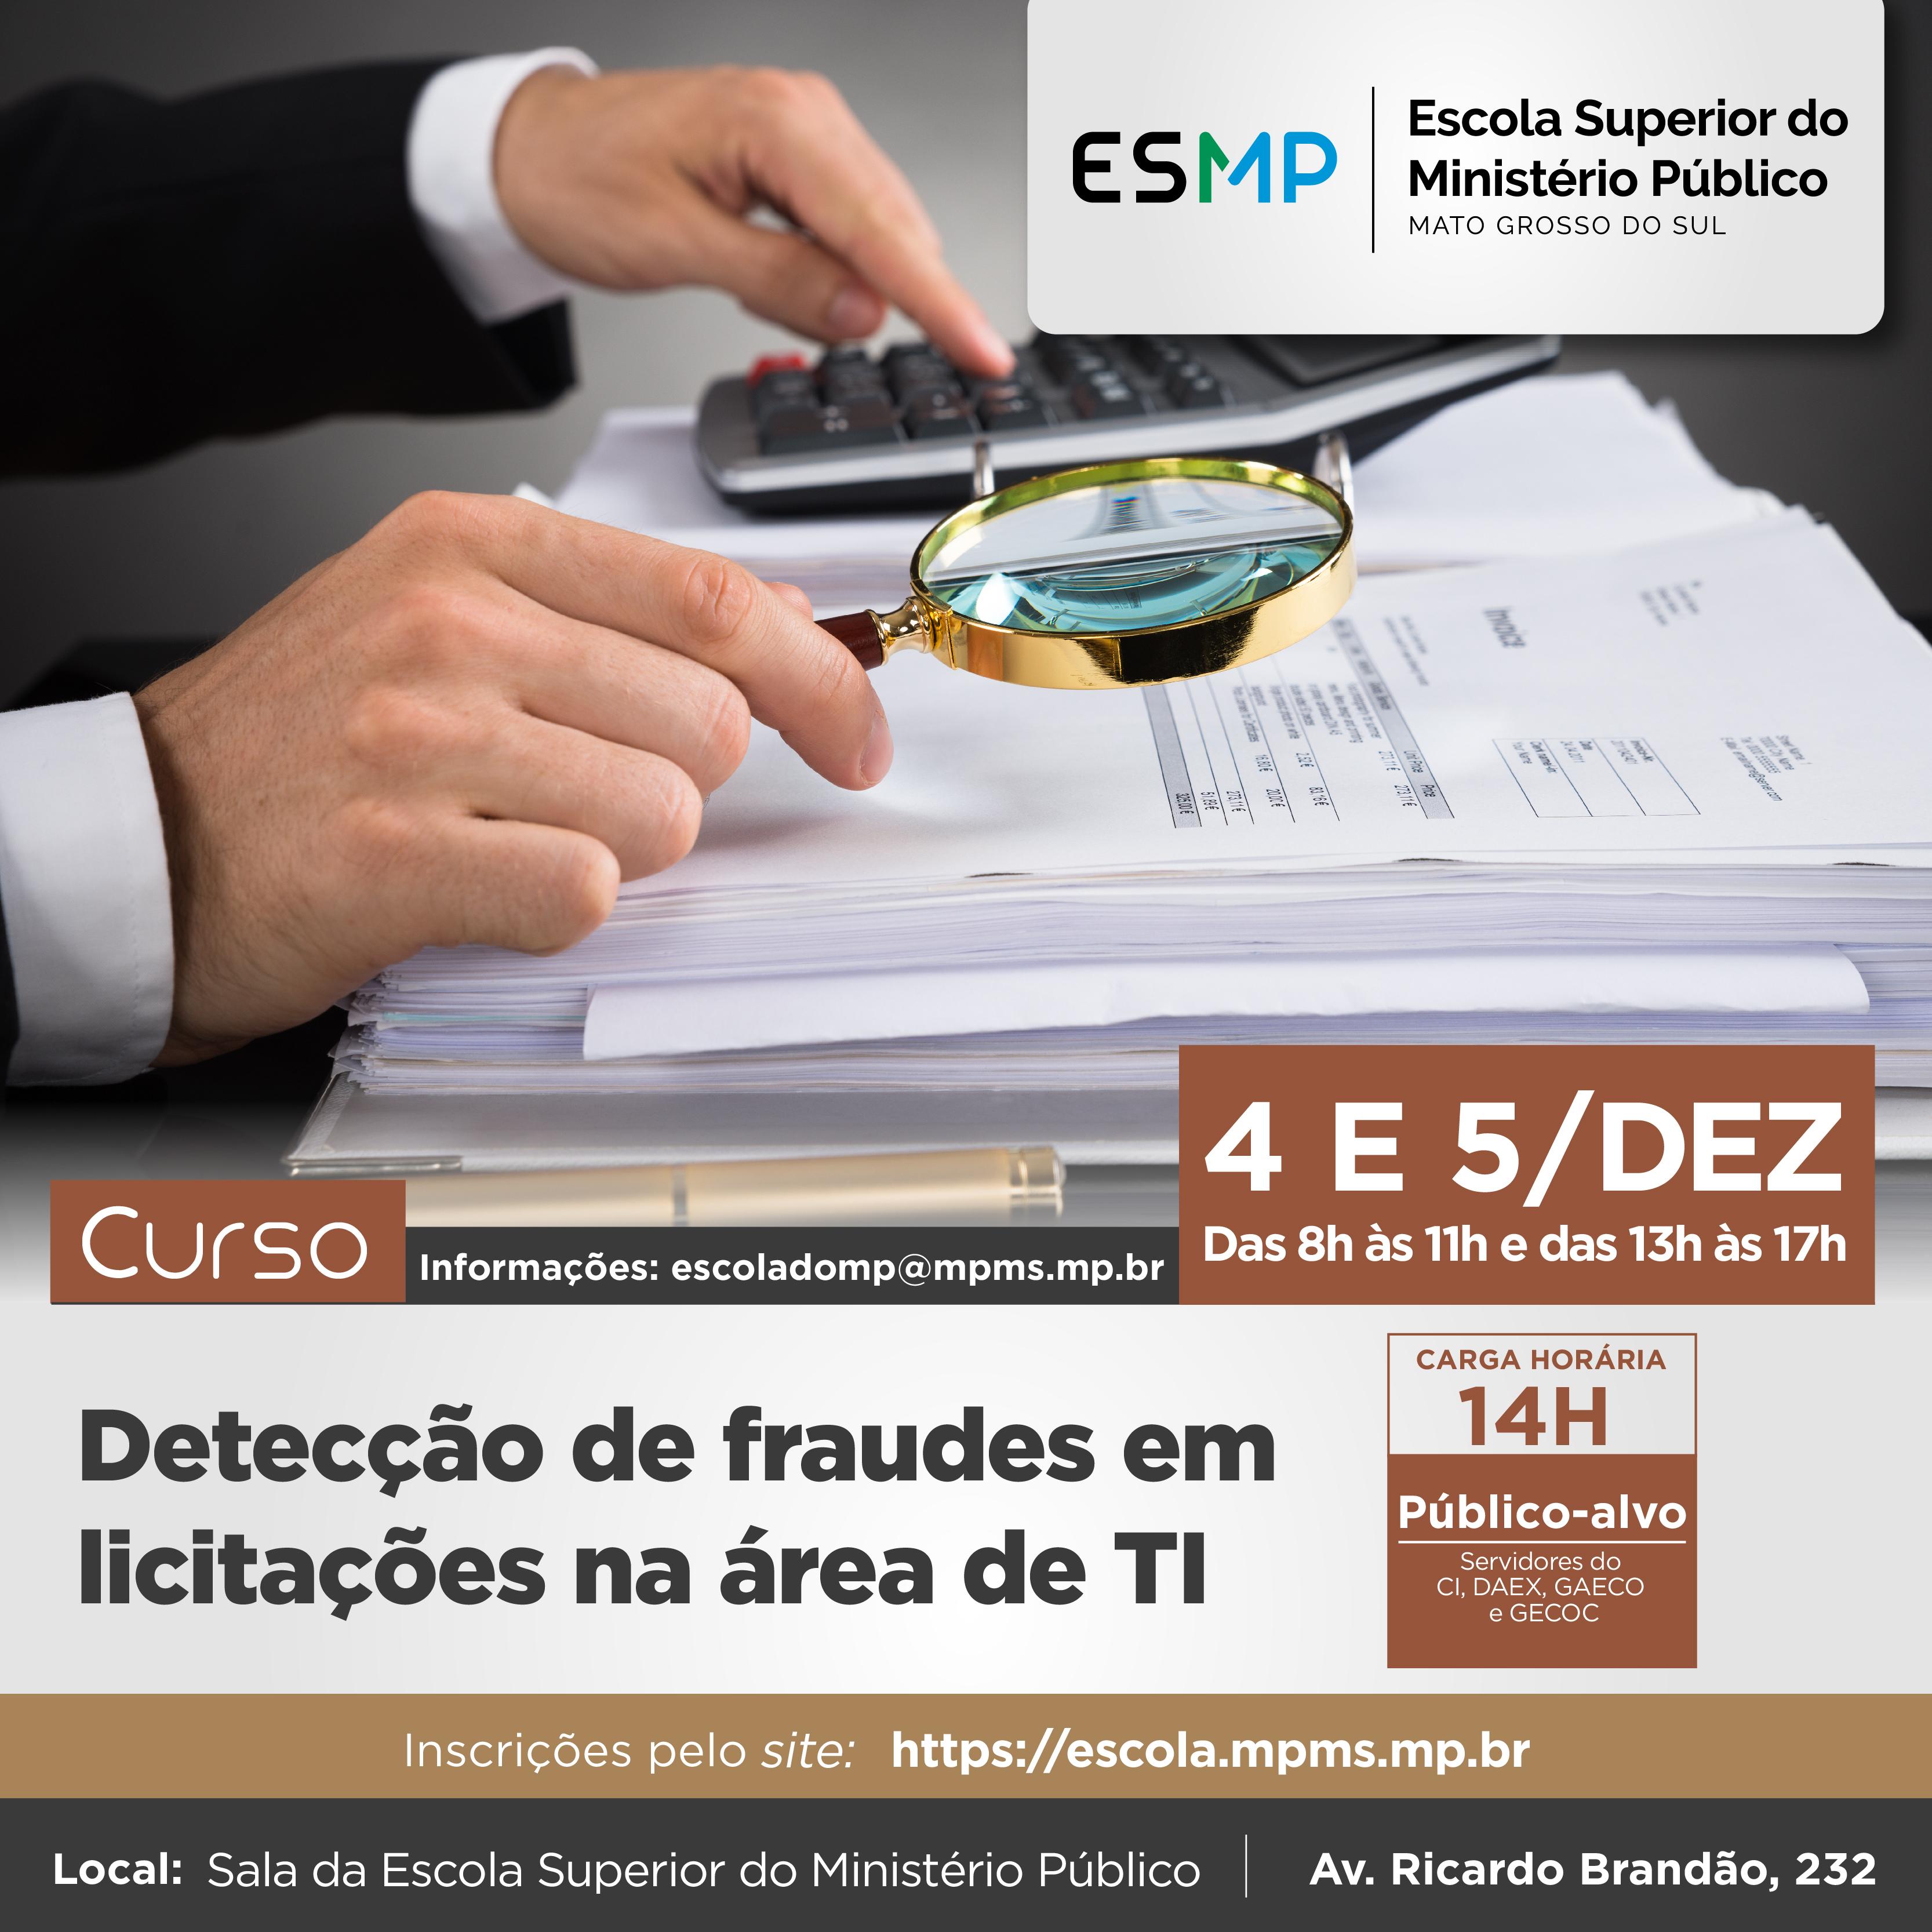 Detecção de fraudes em licitações na área de TI